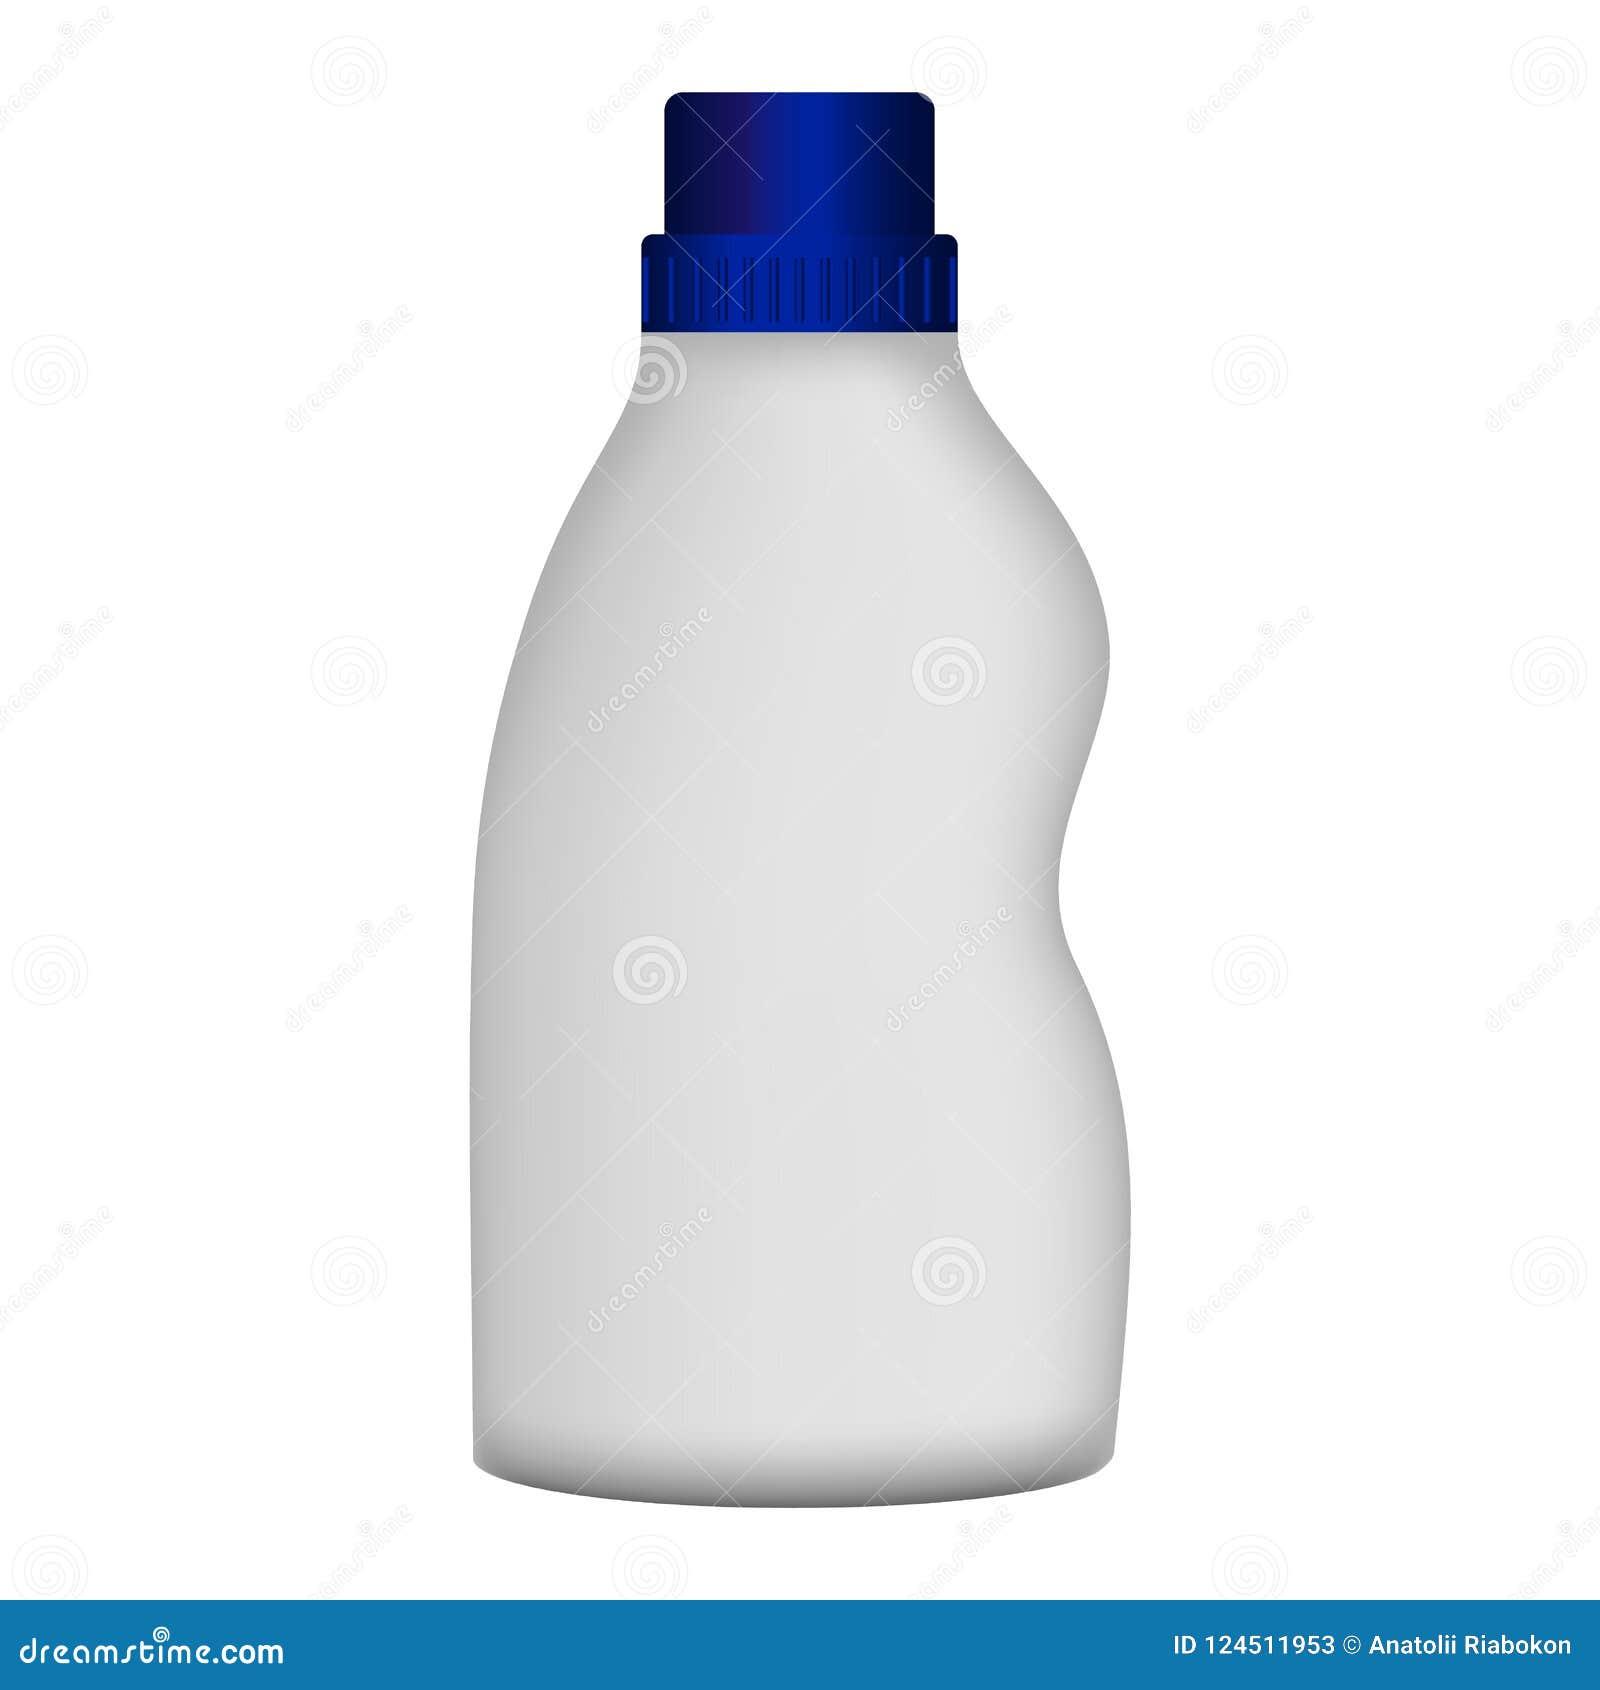 塑料瓶擦净剂大模型,现实样式